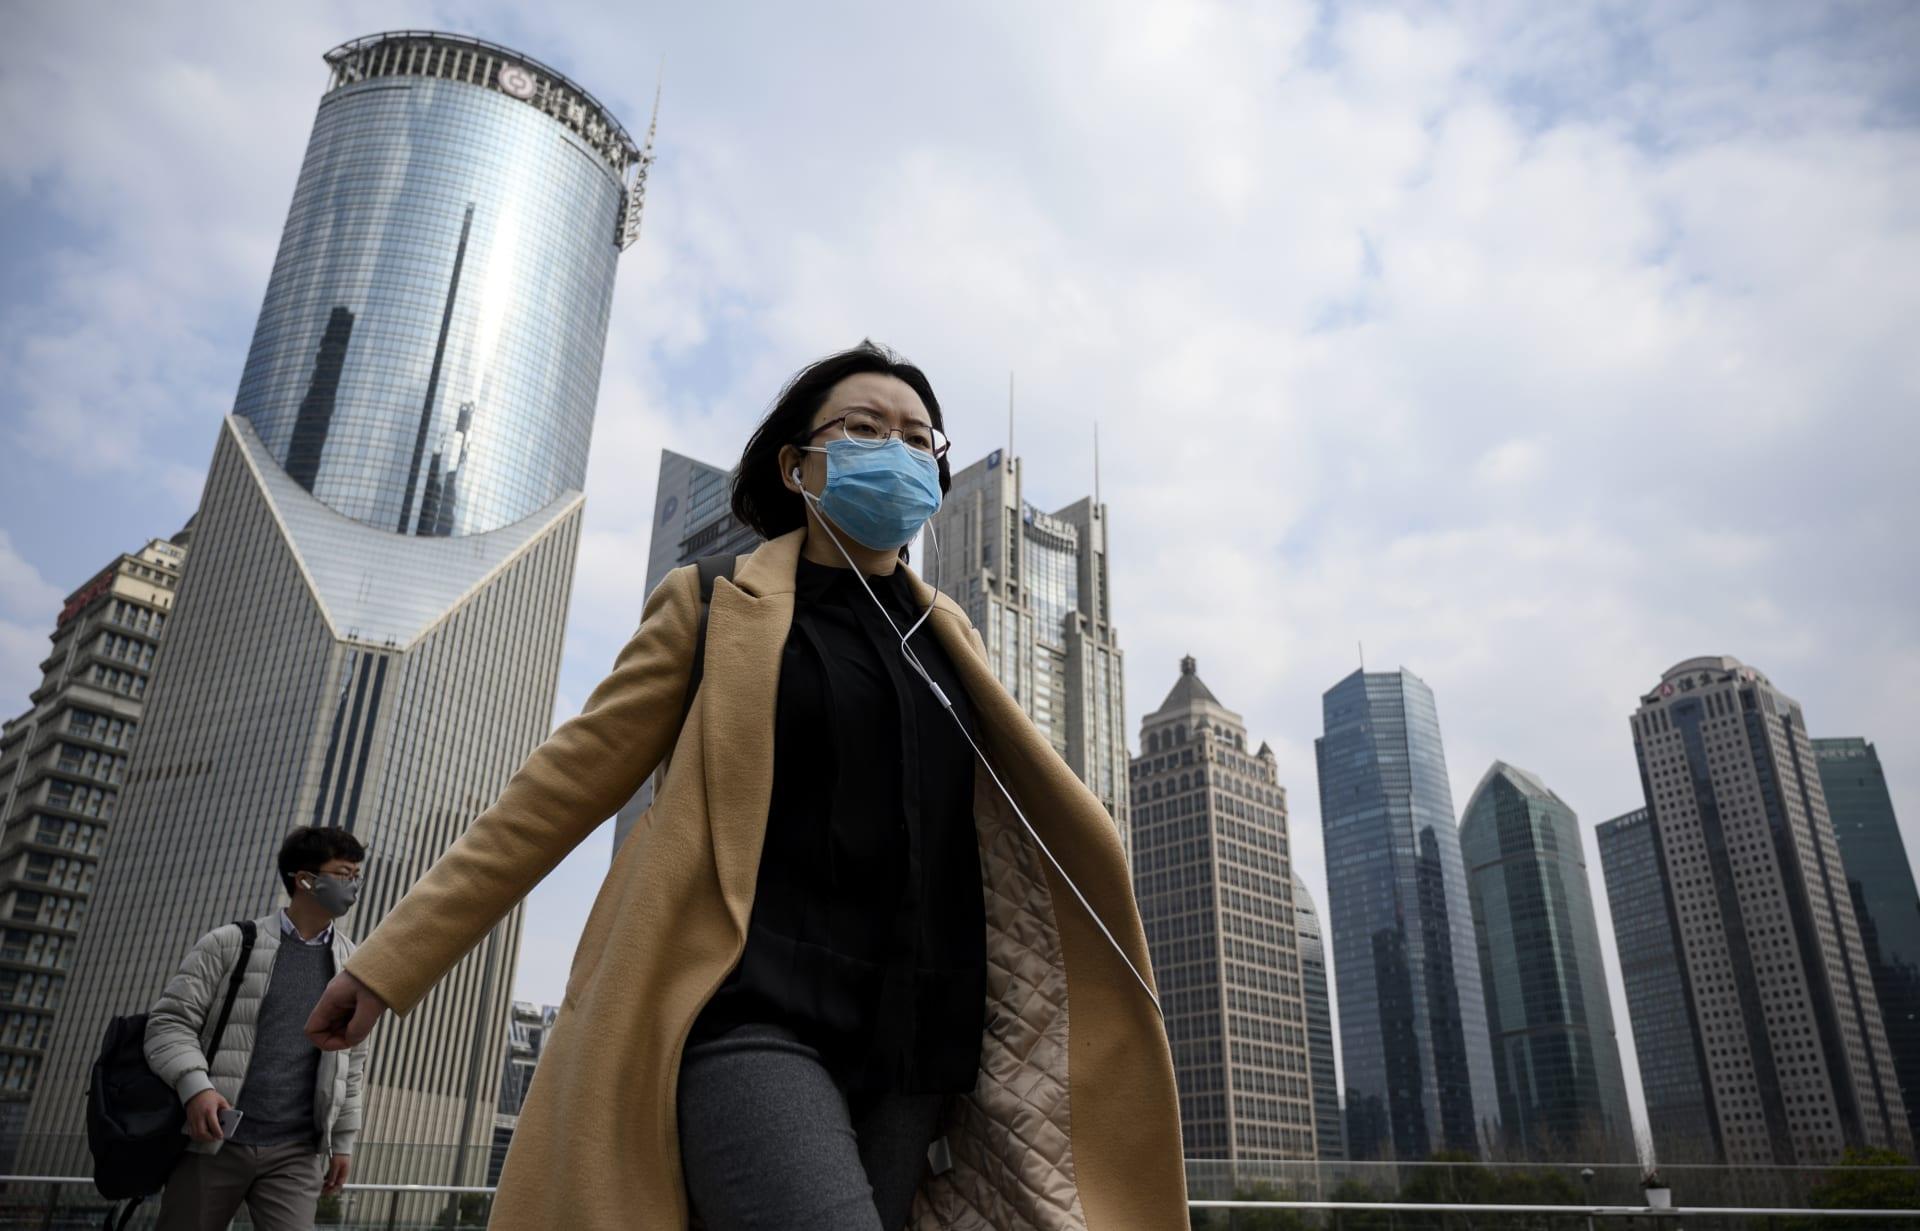 """تفشي فيروس كورونا له """"إمكانيات وبائية"""" لكنه لم يصل بعد لهذه المرحلة بحسب منظمة الصحة العالمية"""